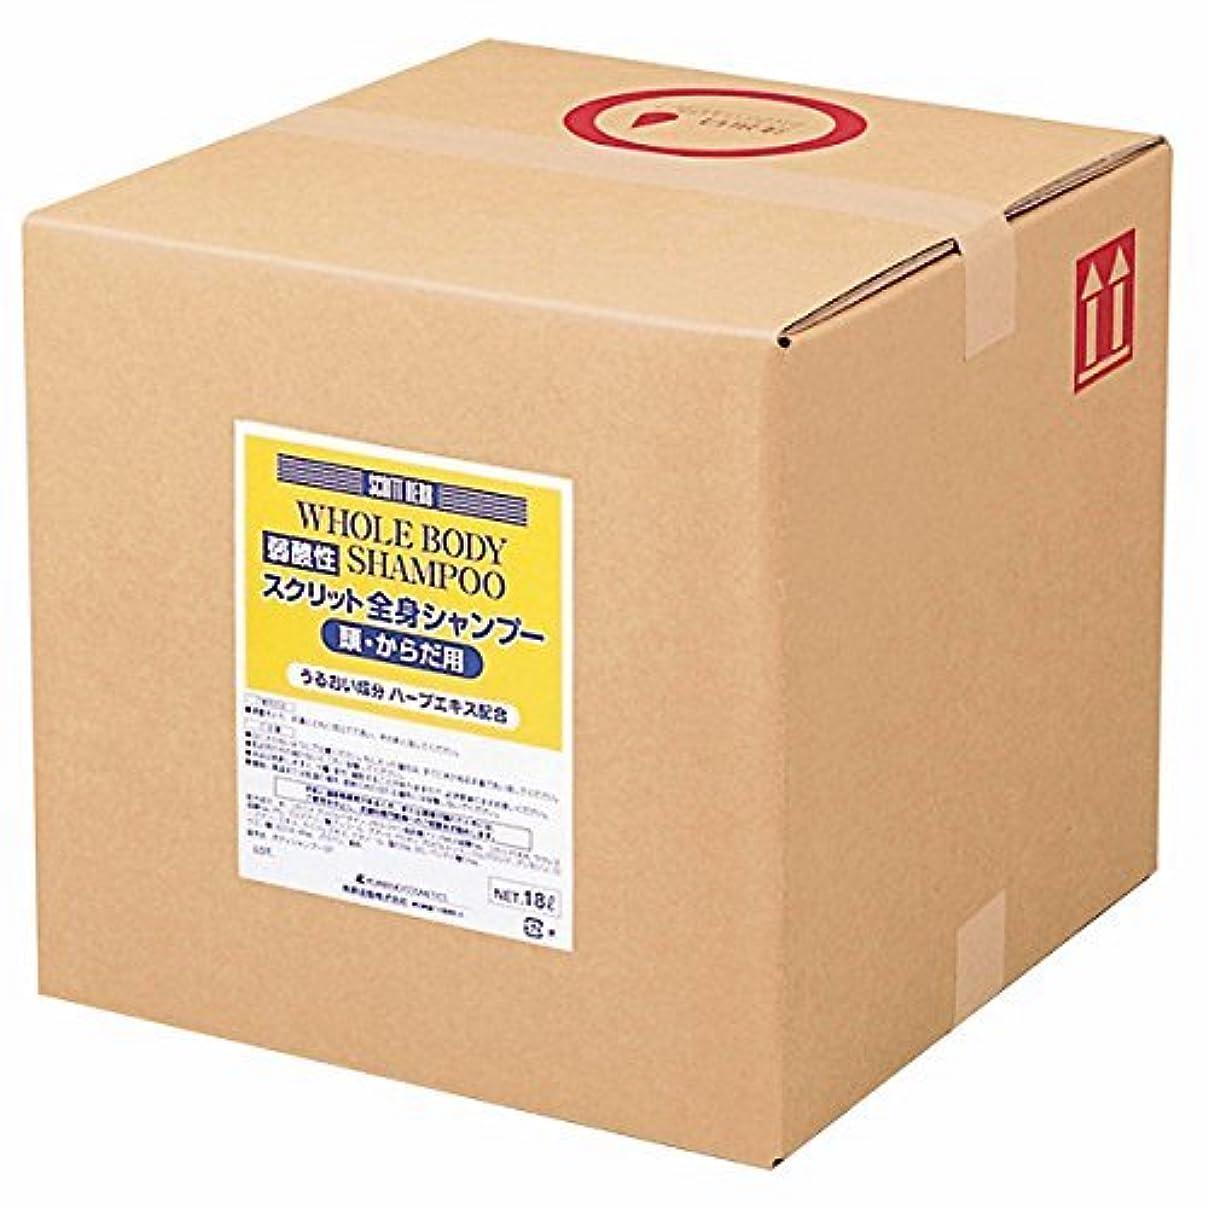 専門化する小包カイウス熊野油脂 業務用 SCRITT(スクリット) 全身シャンプー 18L